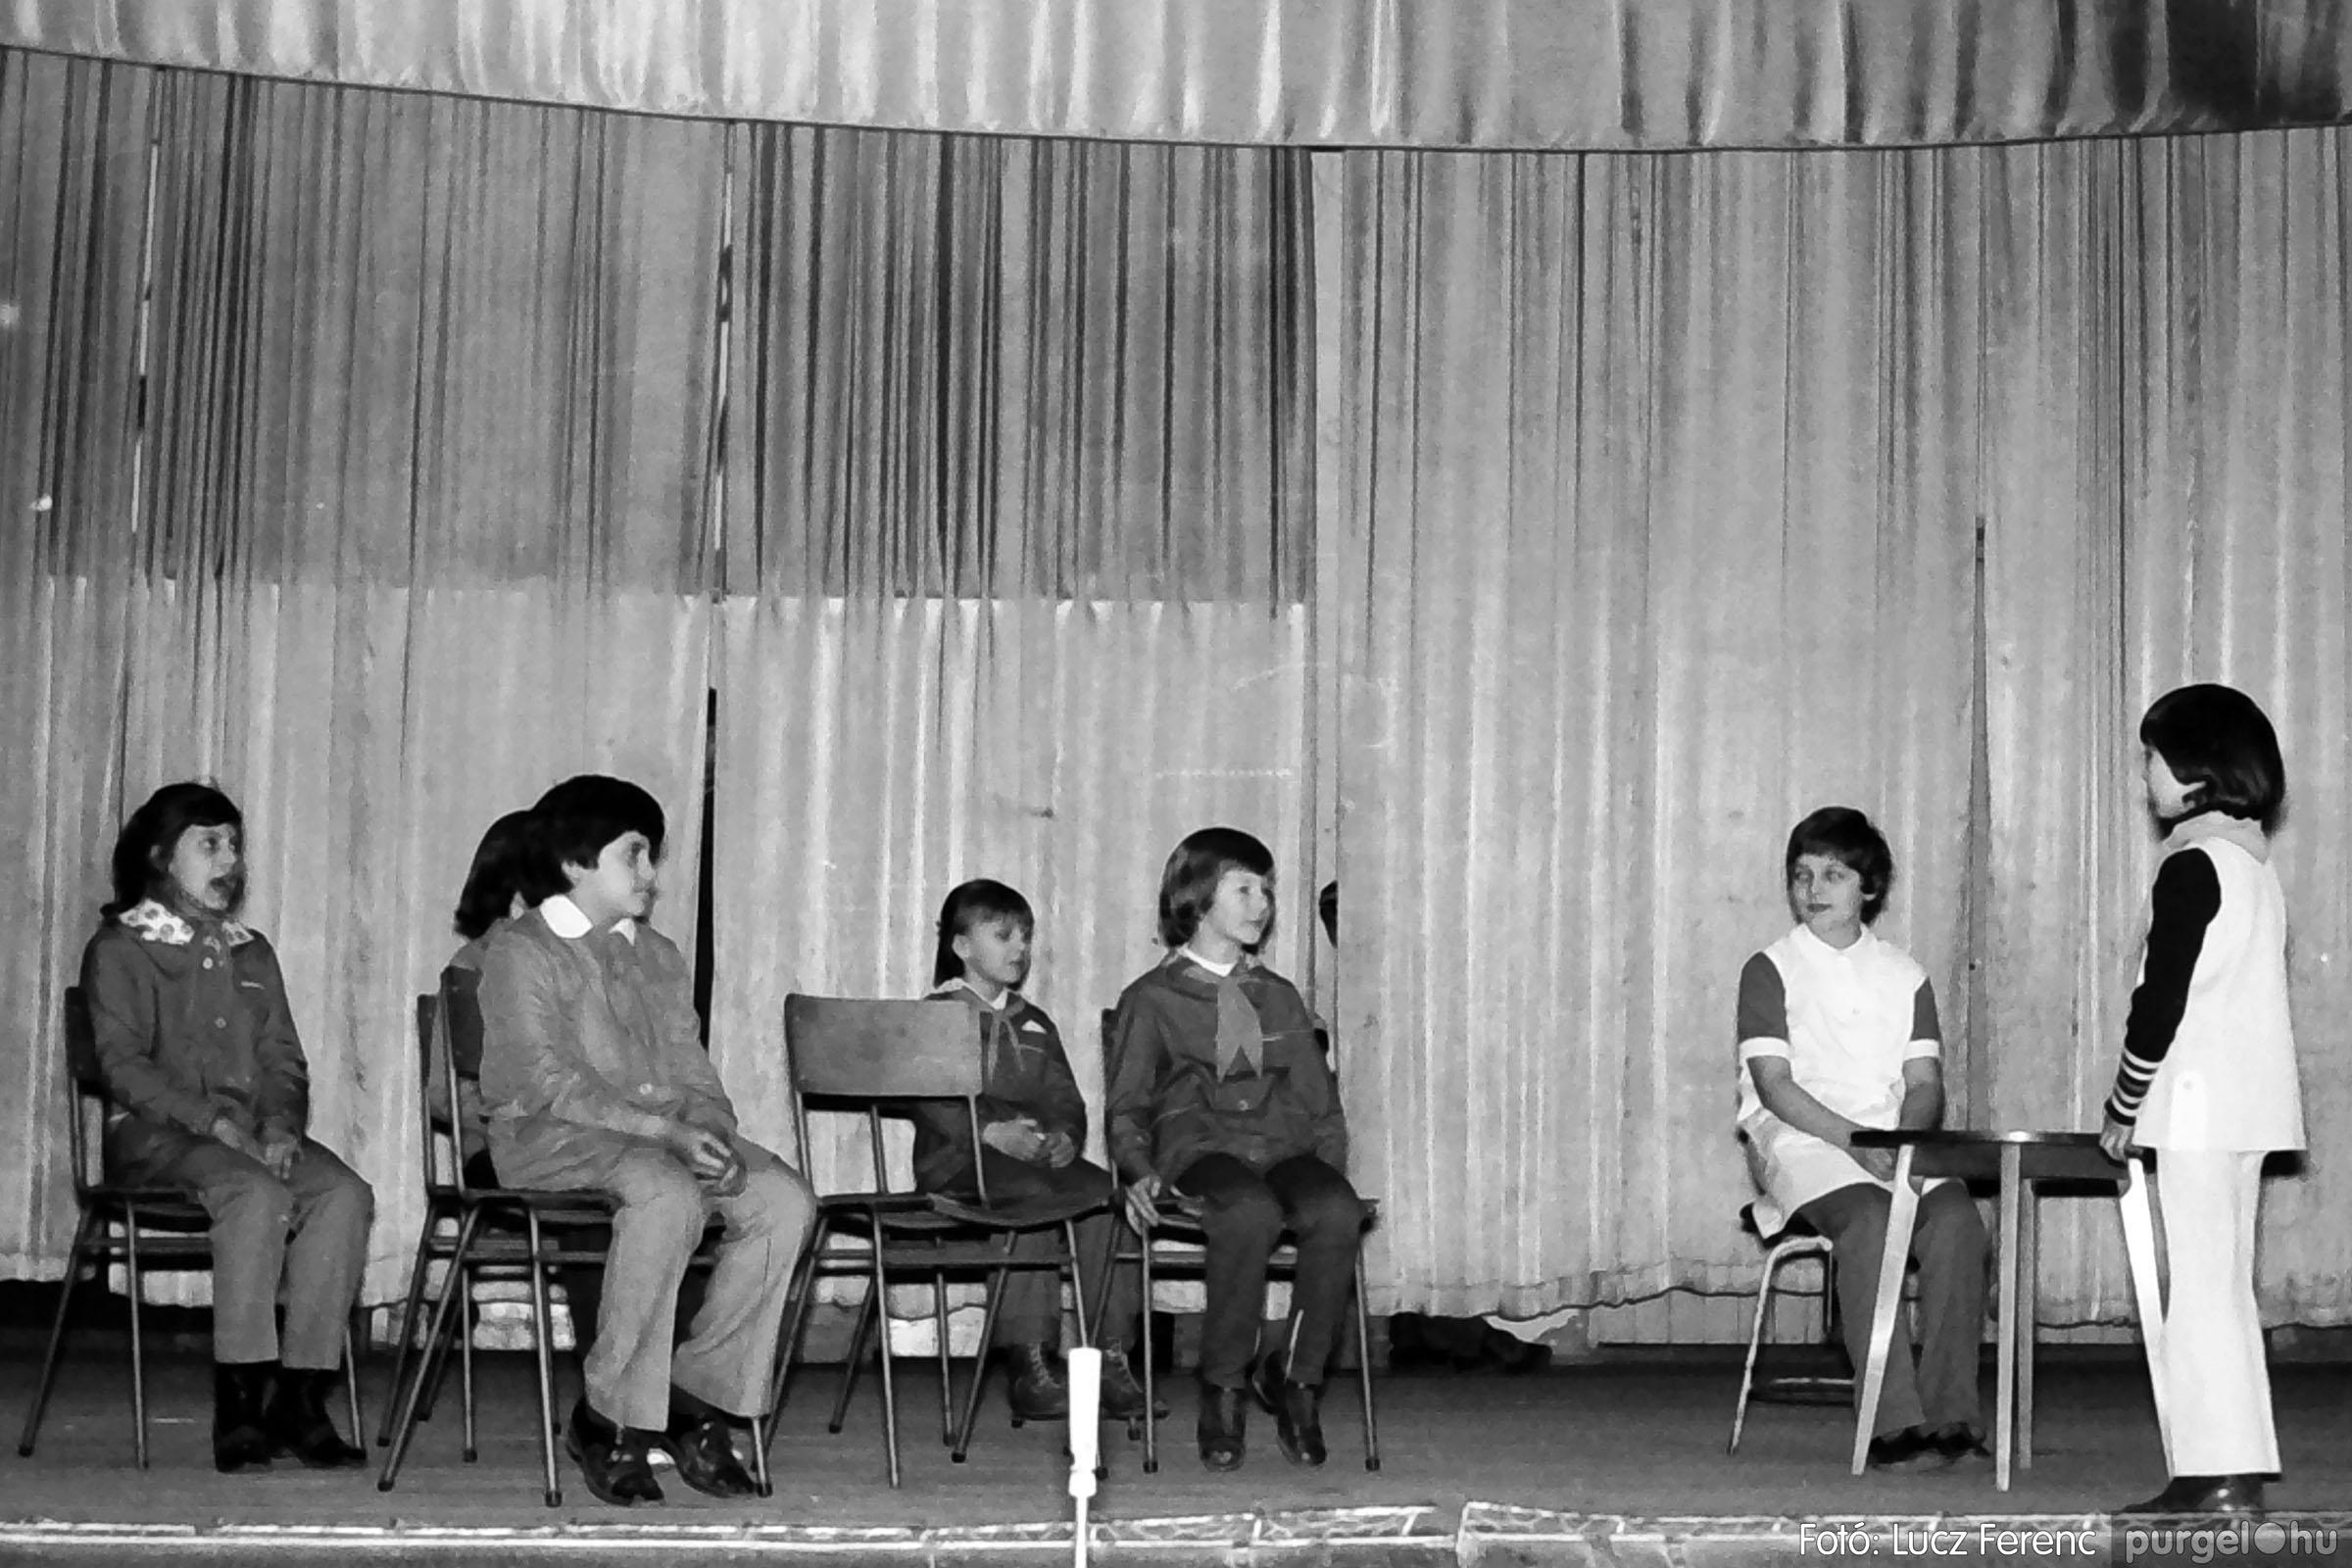 033. 1976. Diákrendezvény a kultúrházban 004 - Fotó: Lucz Ferenc.jpg